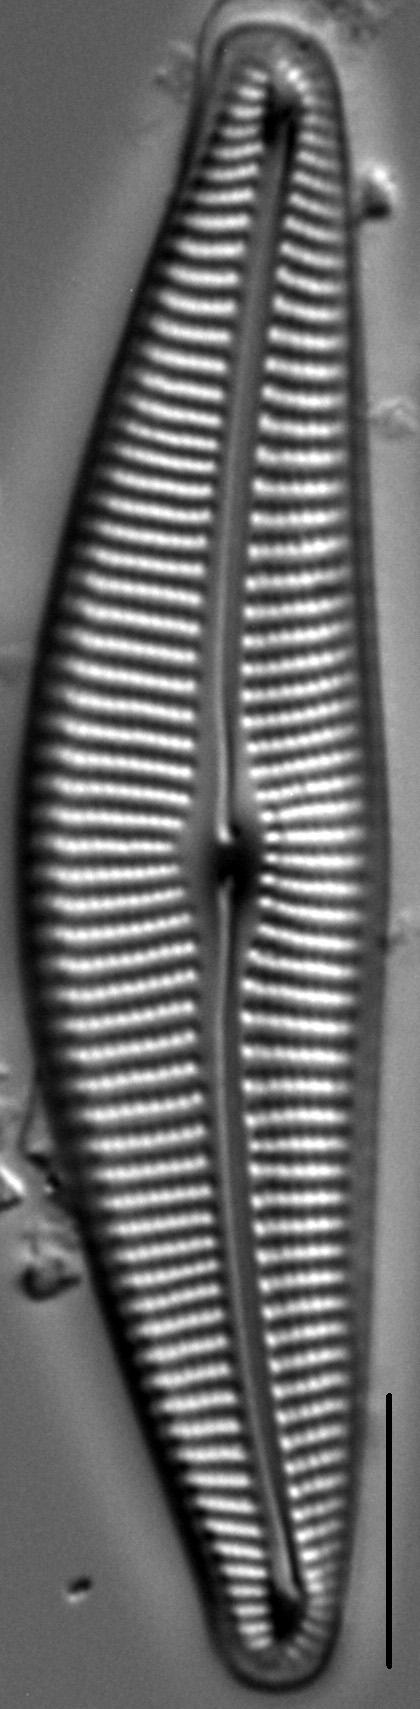 Cymbella Compacta1